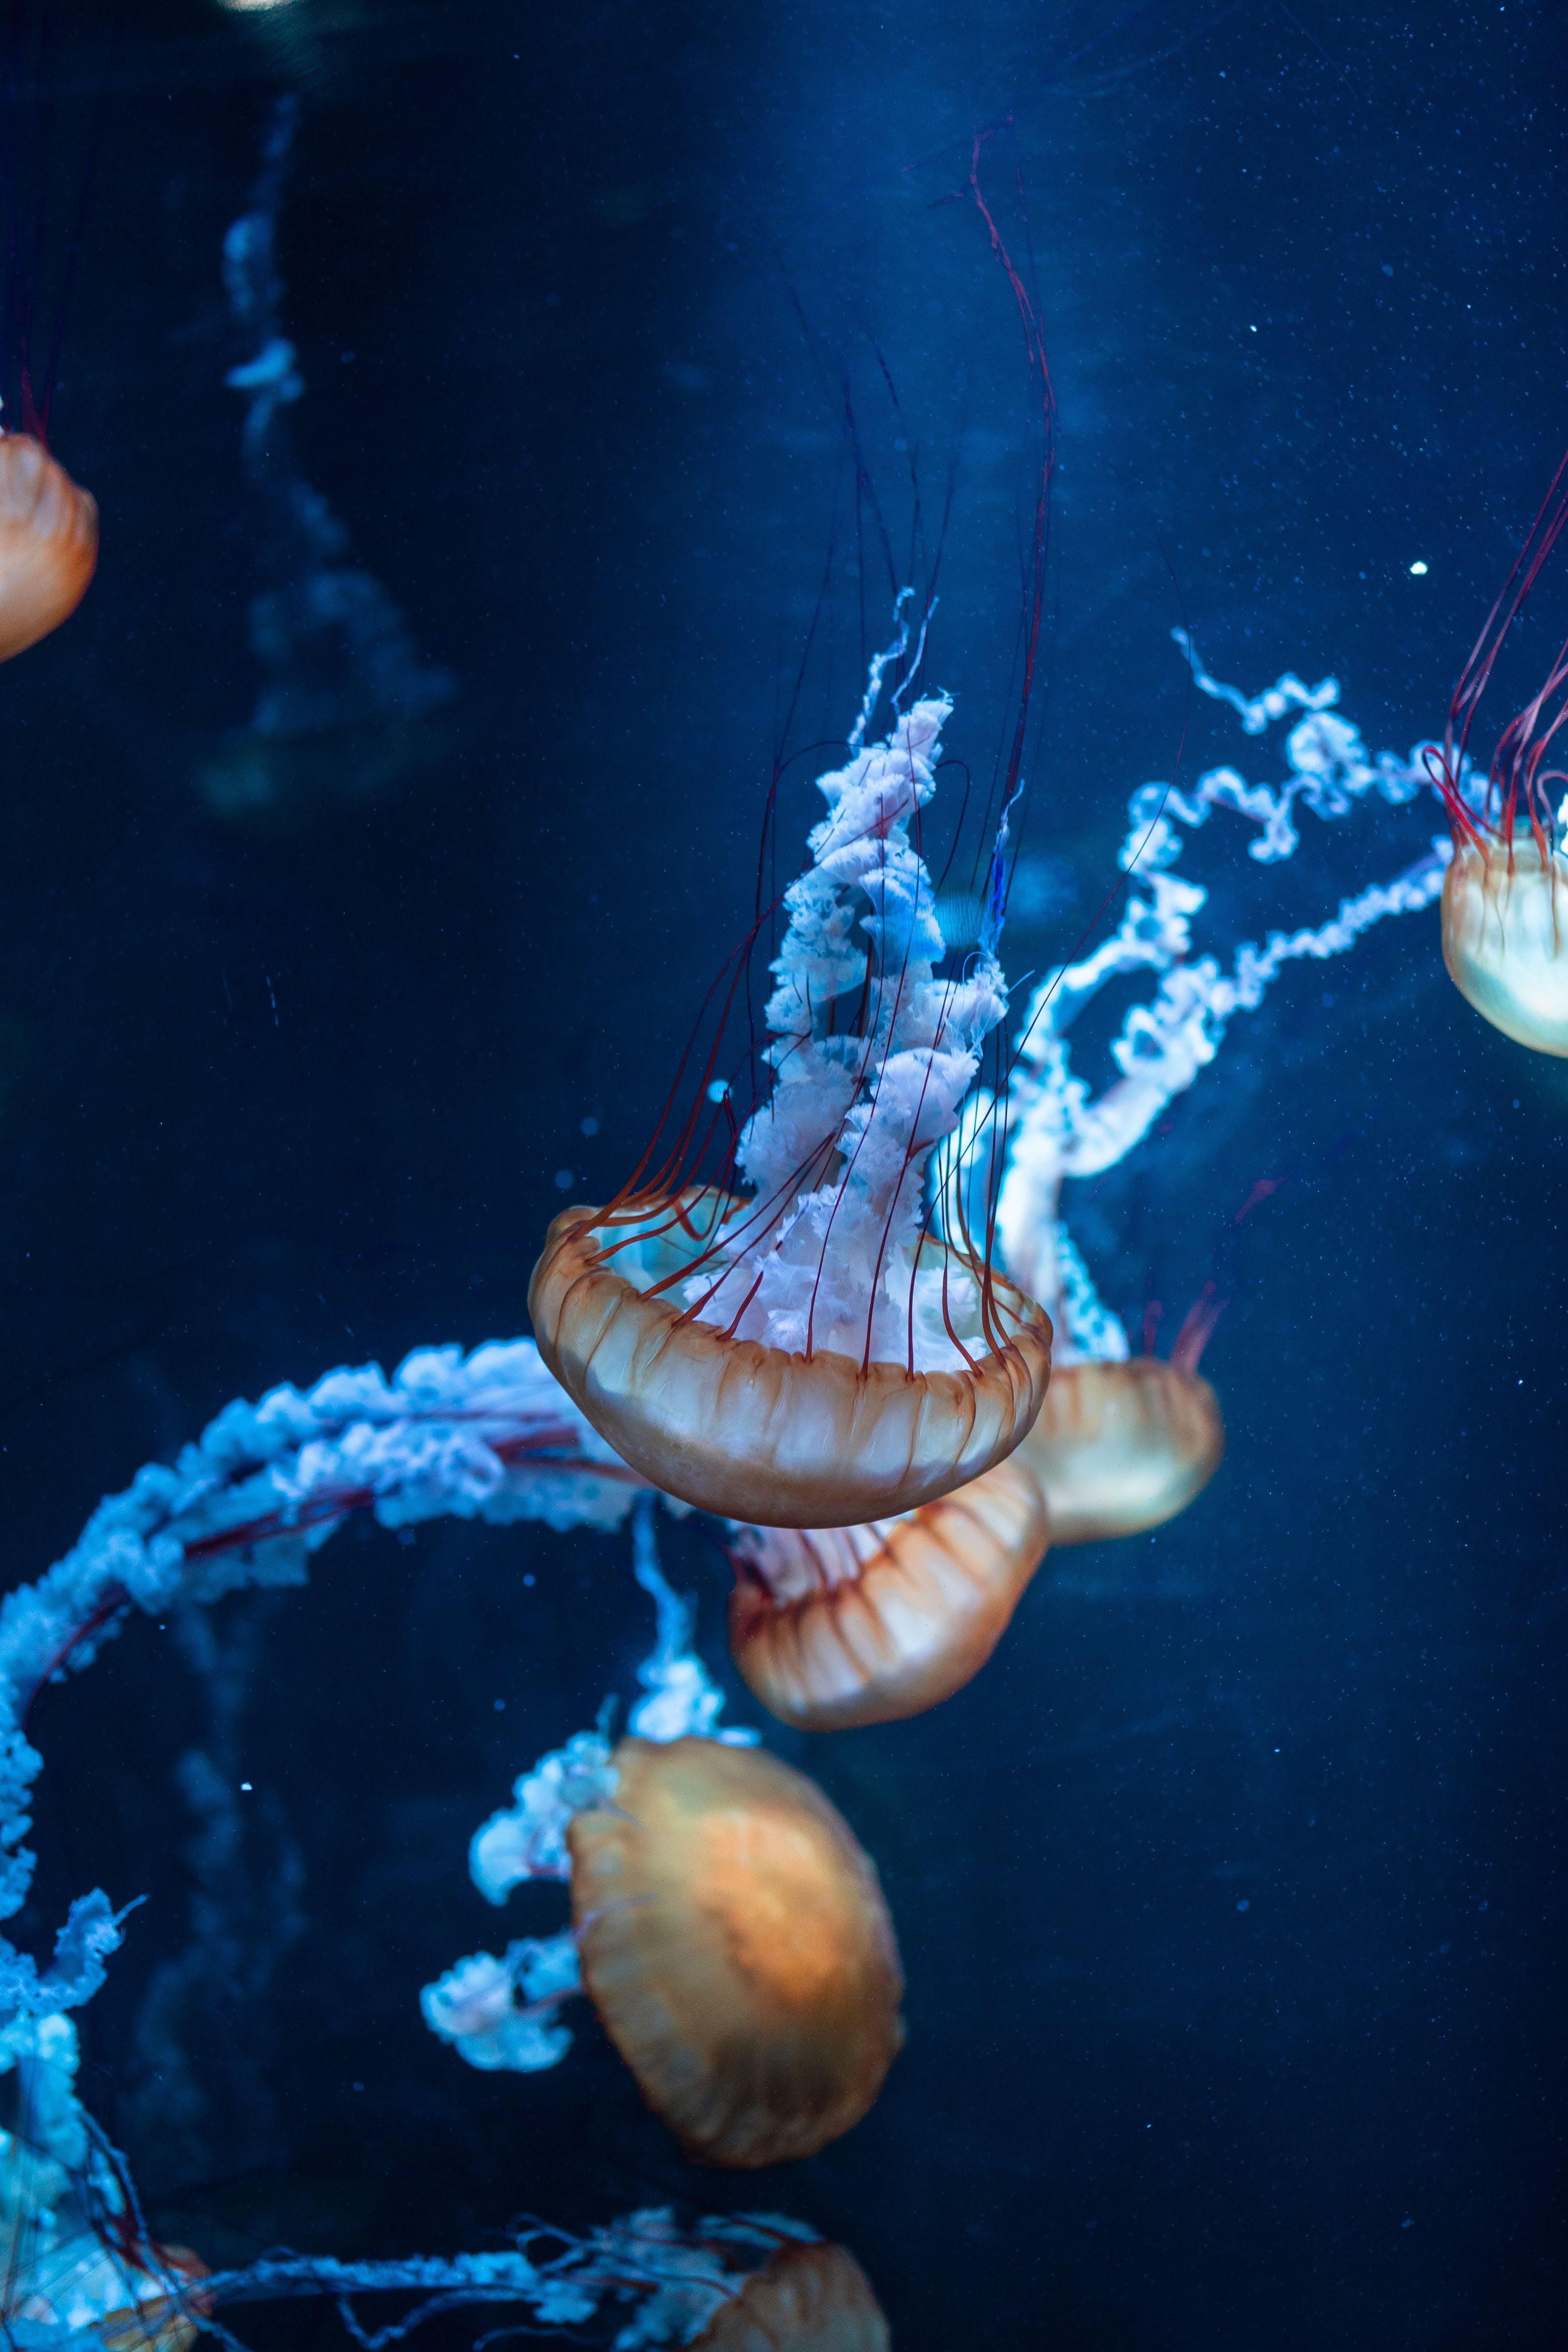 水, 水下, 水族館, 水生動物 的